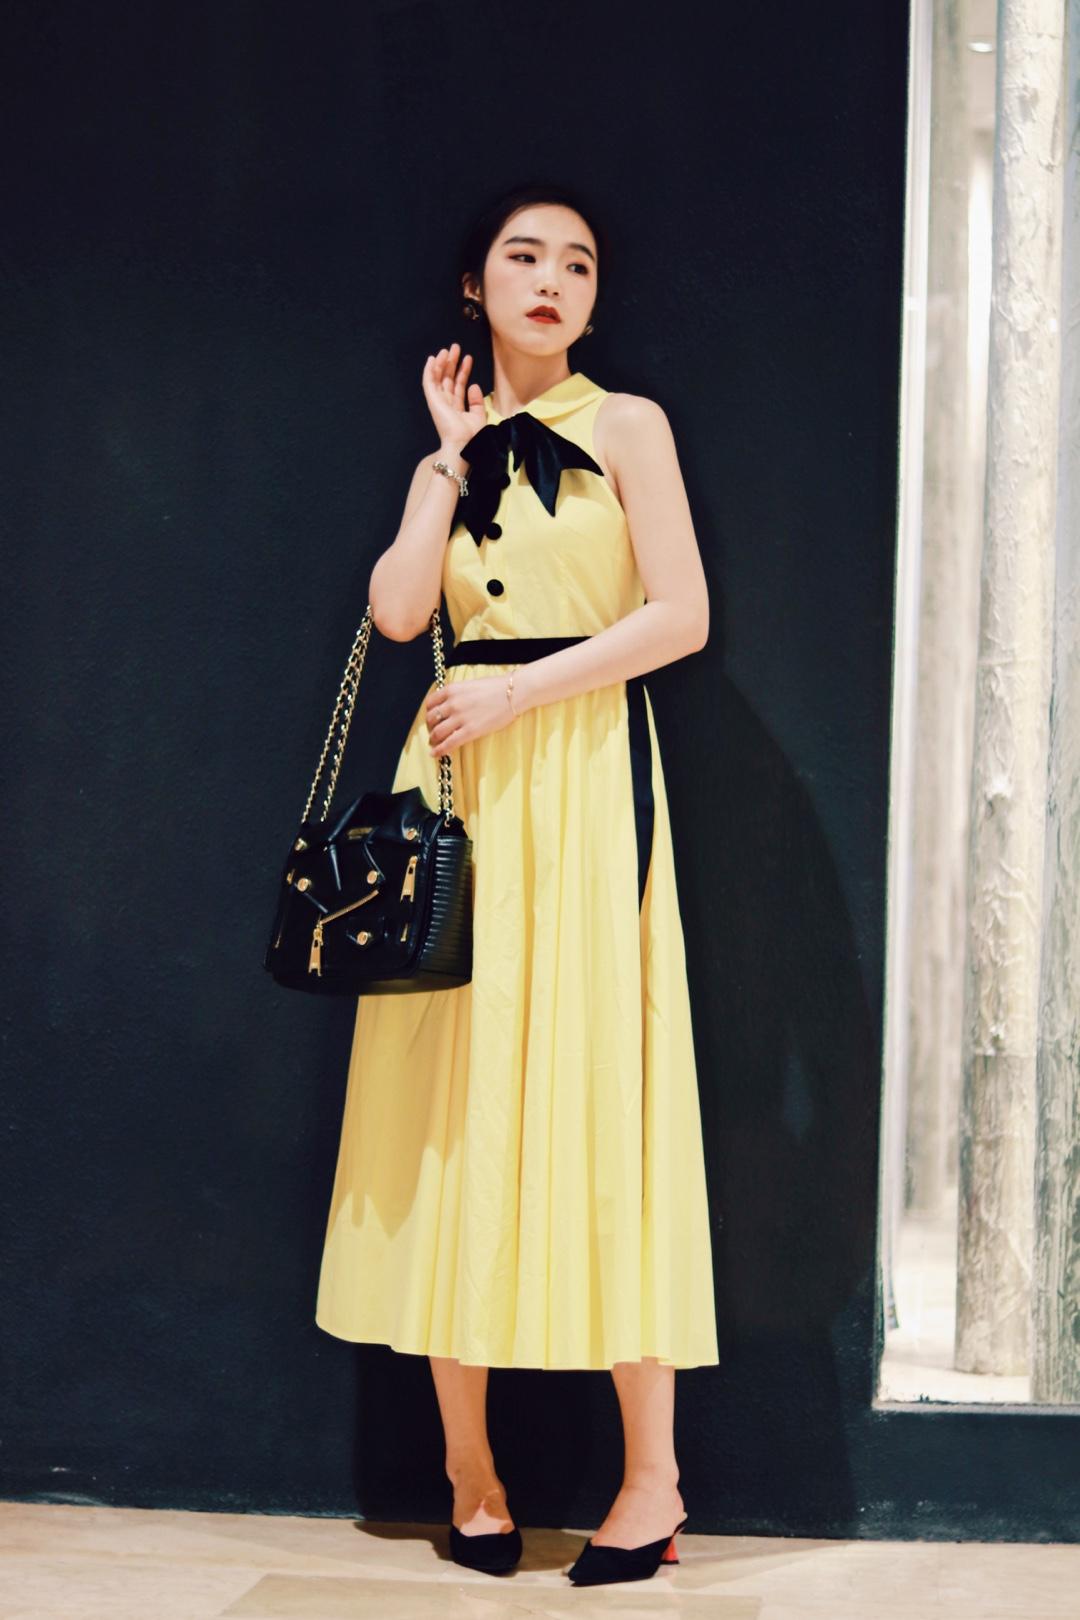 夏季怎么能少的了柠檬黄呀!一个亮丽的颜色、可以让你的夏天瞬间活泼起来呀!#这次!要给水果色打100分# 收腰款的连衣裙、秒变纸片人。别看是无袖的裙装、它可是U型露肩。能把最瘦的肩胛骨露出来哟!